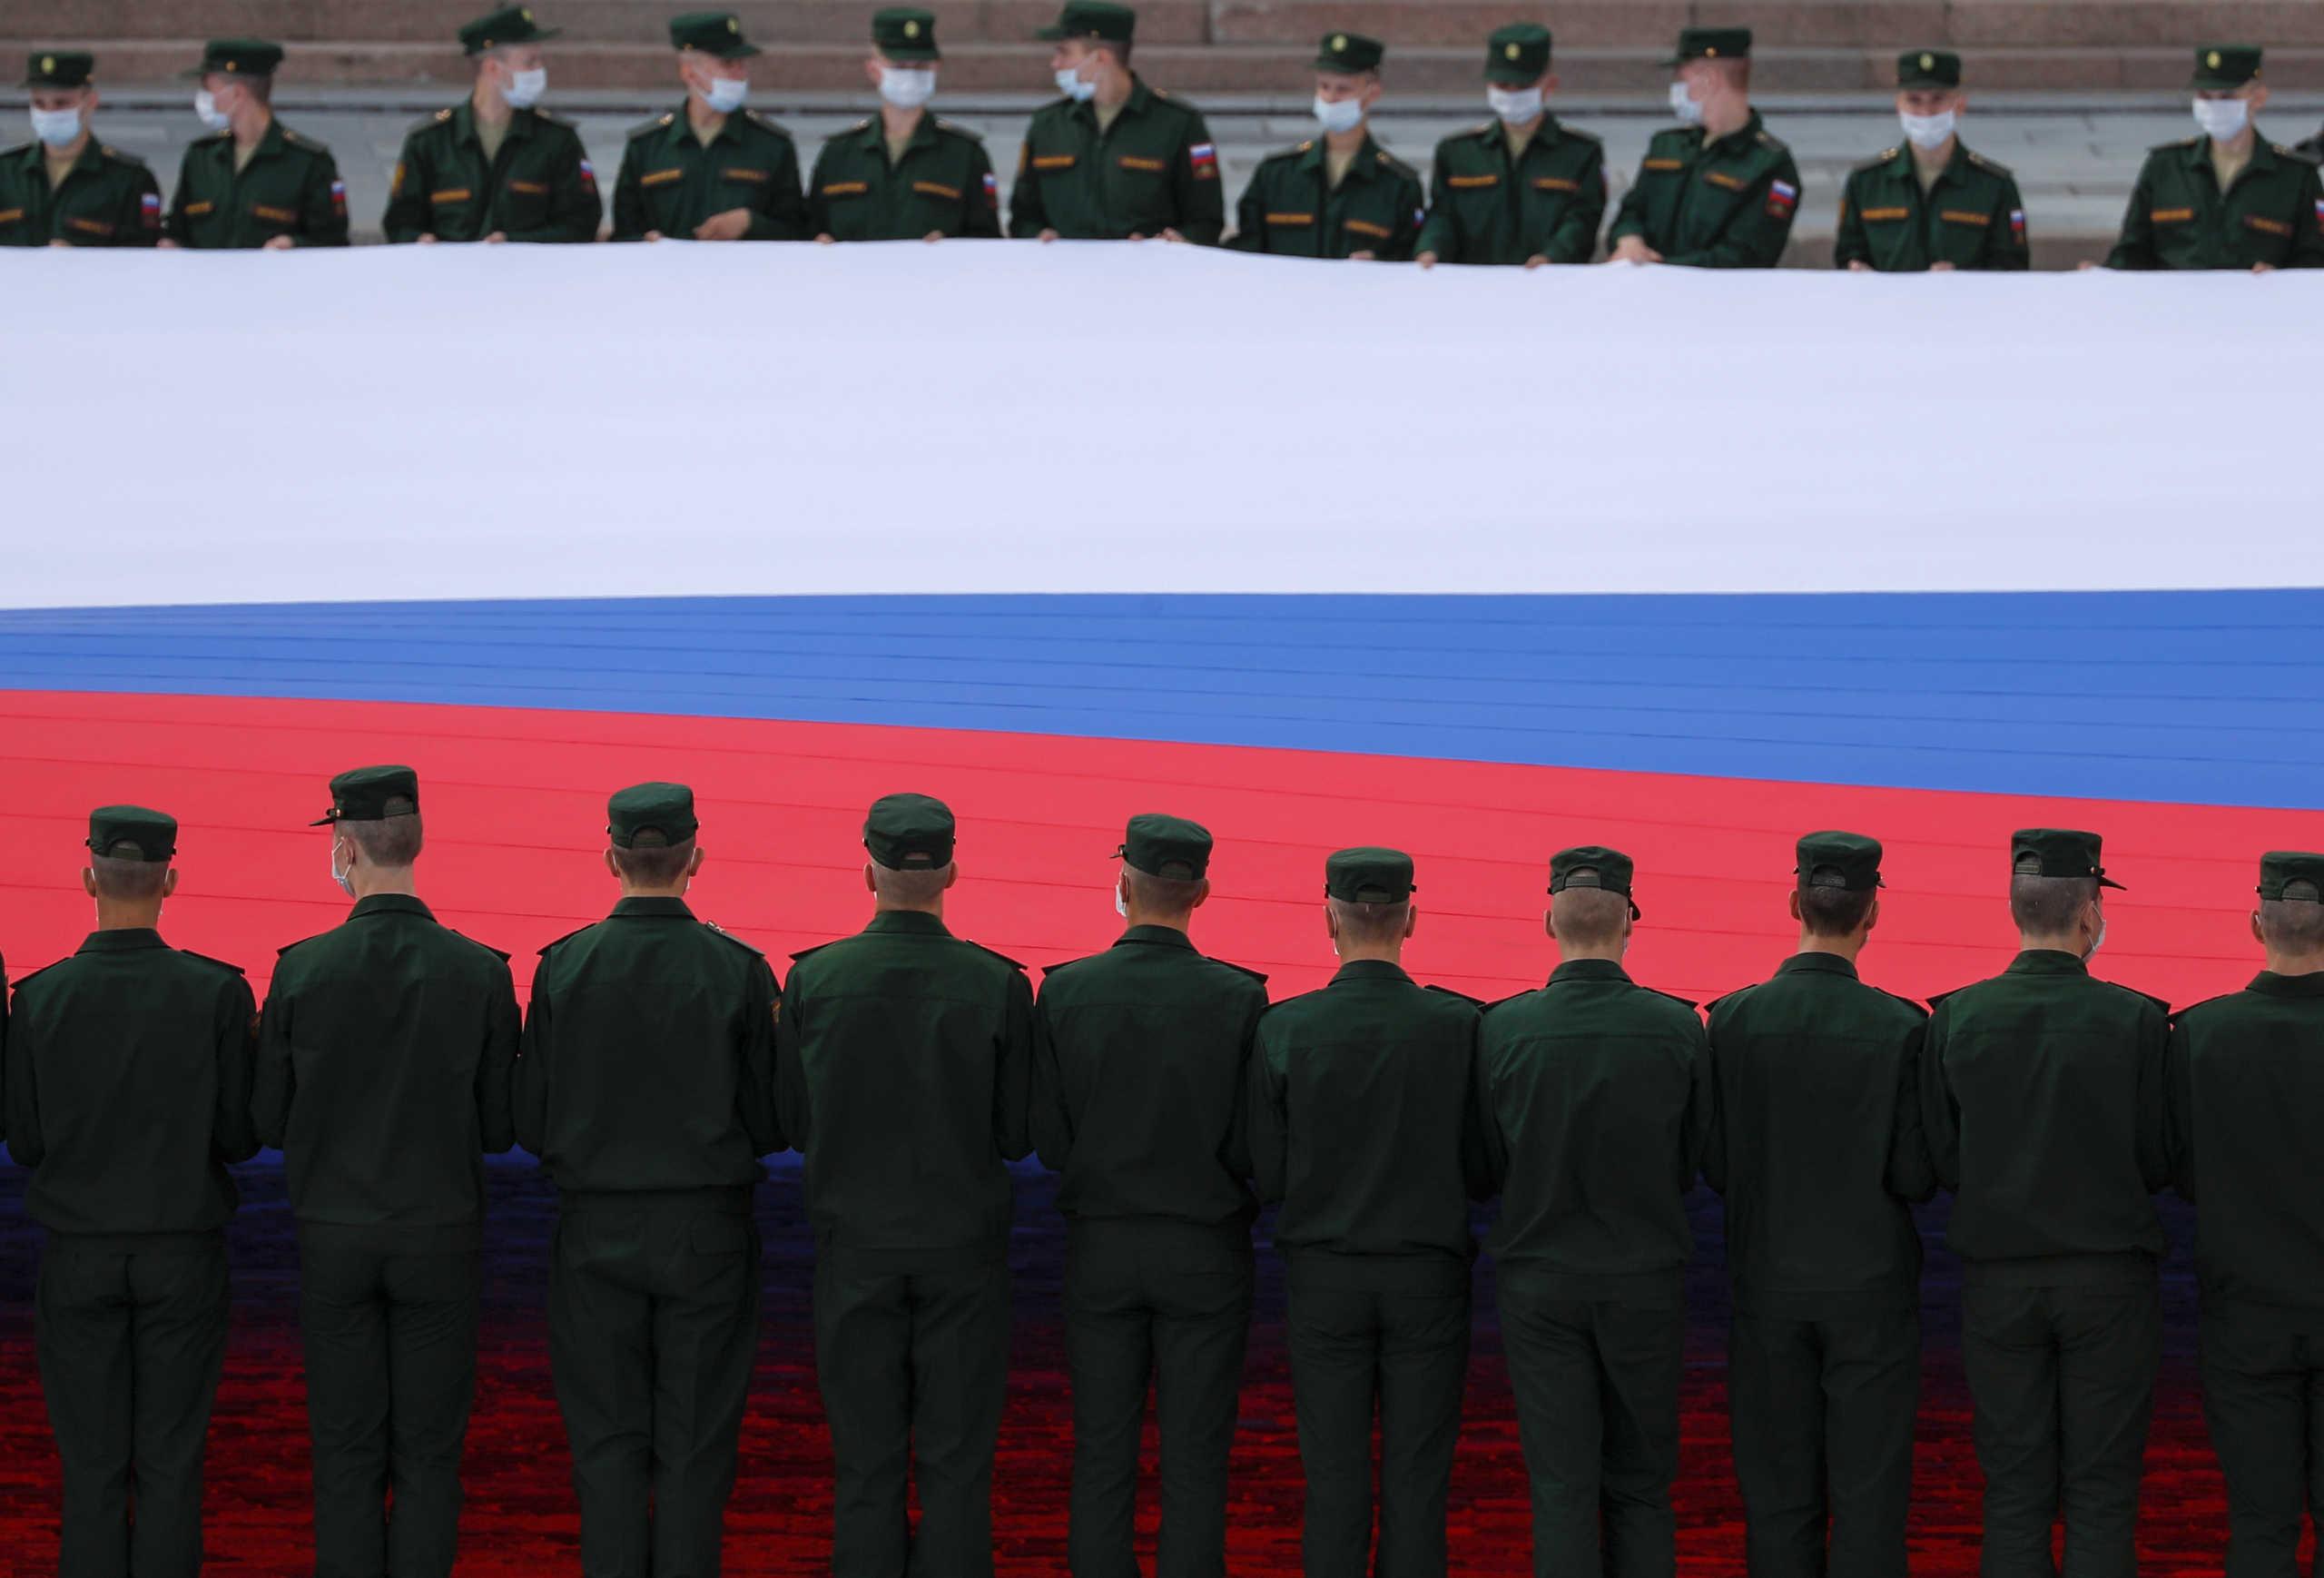 Ρωσία - Ζούκοφ